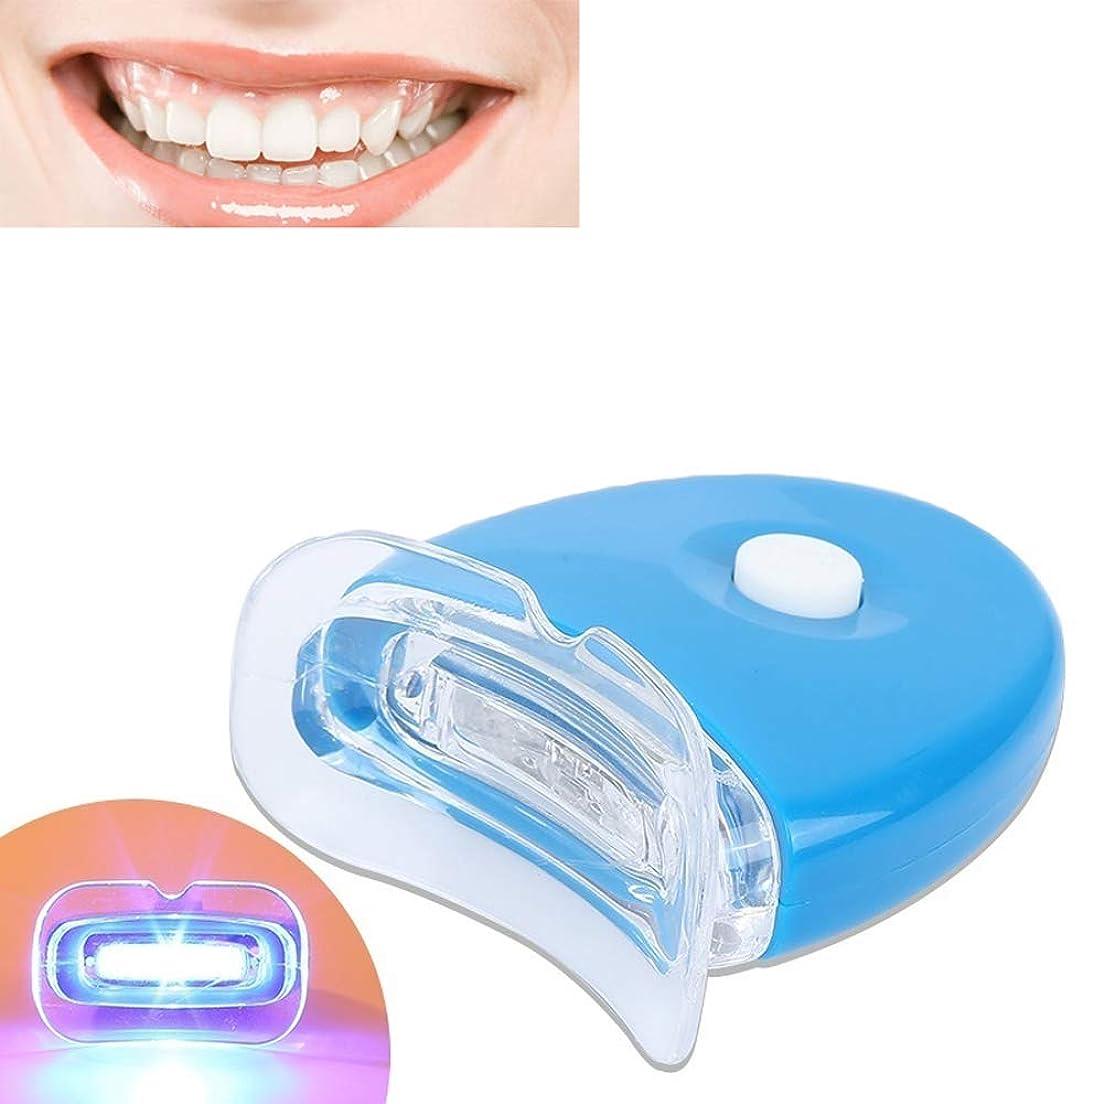 円形エジプト人素晴らしき歯をホワイトニングする歯ホワイトナーケア健康な歯科用LEDライト